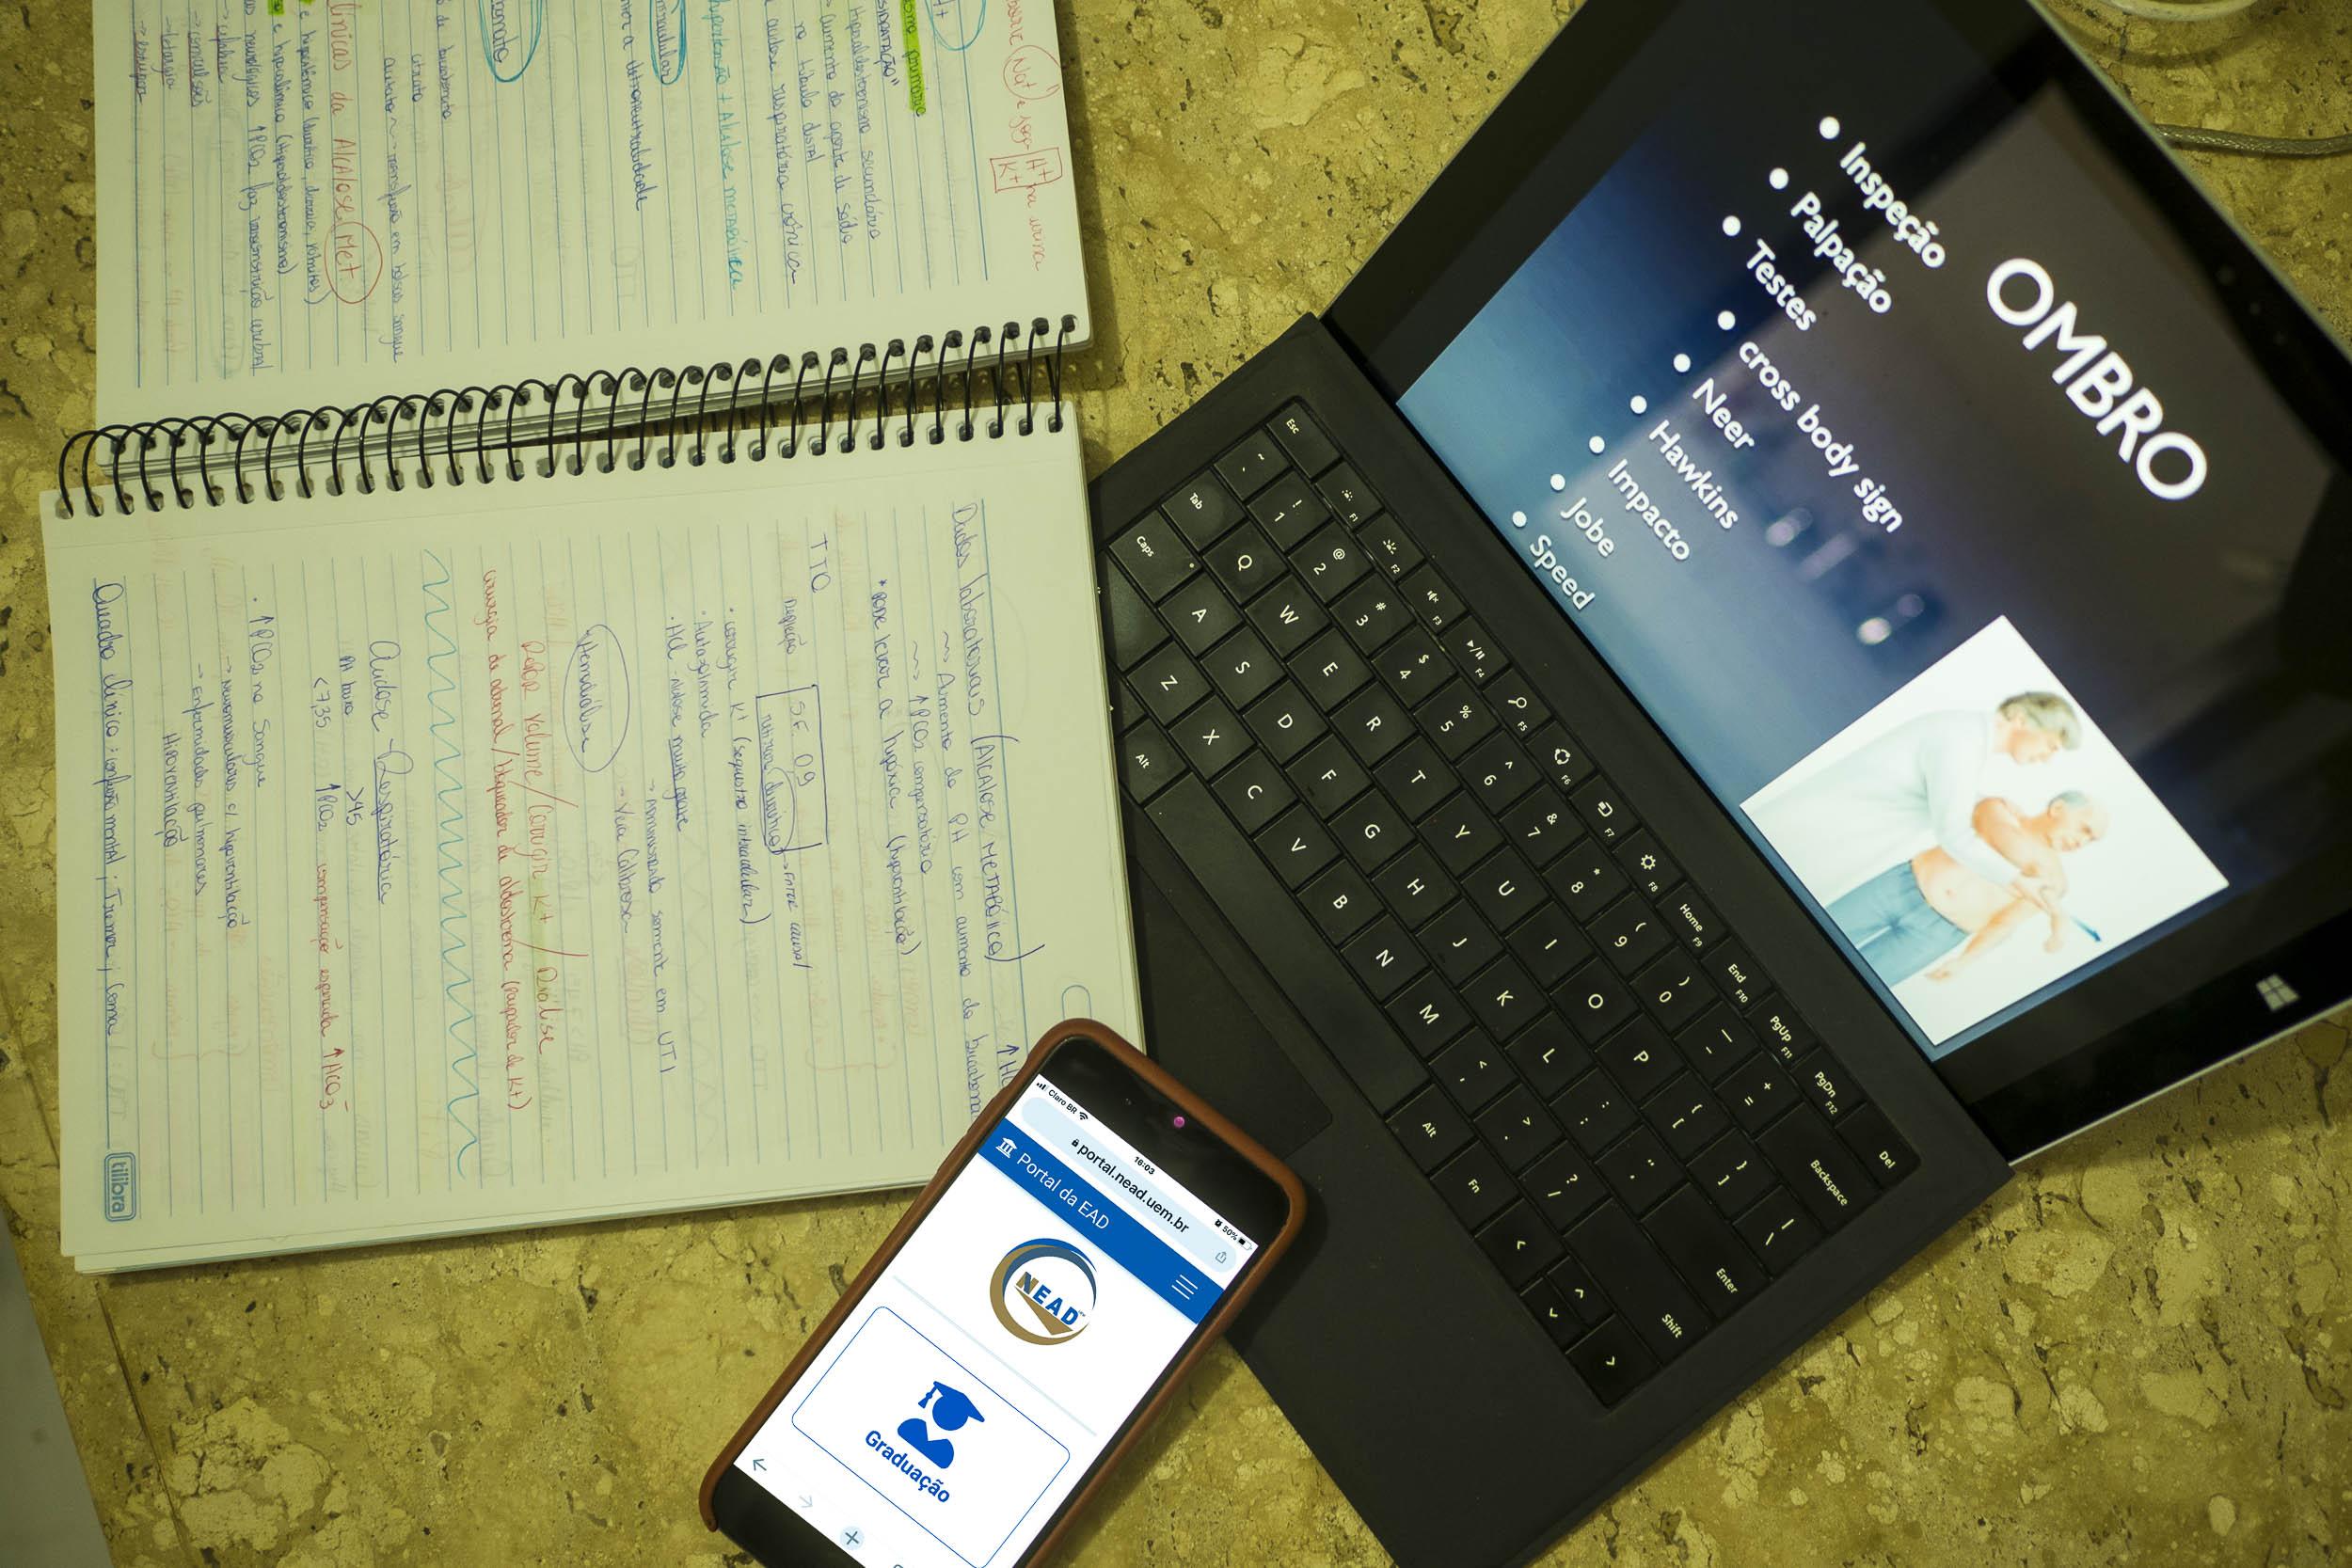 Novo edital disponibiliza empréstimo de equipamentos e dispositivos de dados para alunos da graduação, pós-graduação e a professores